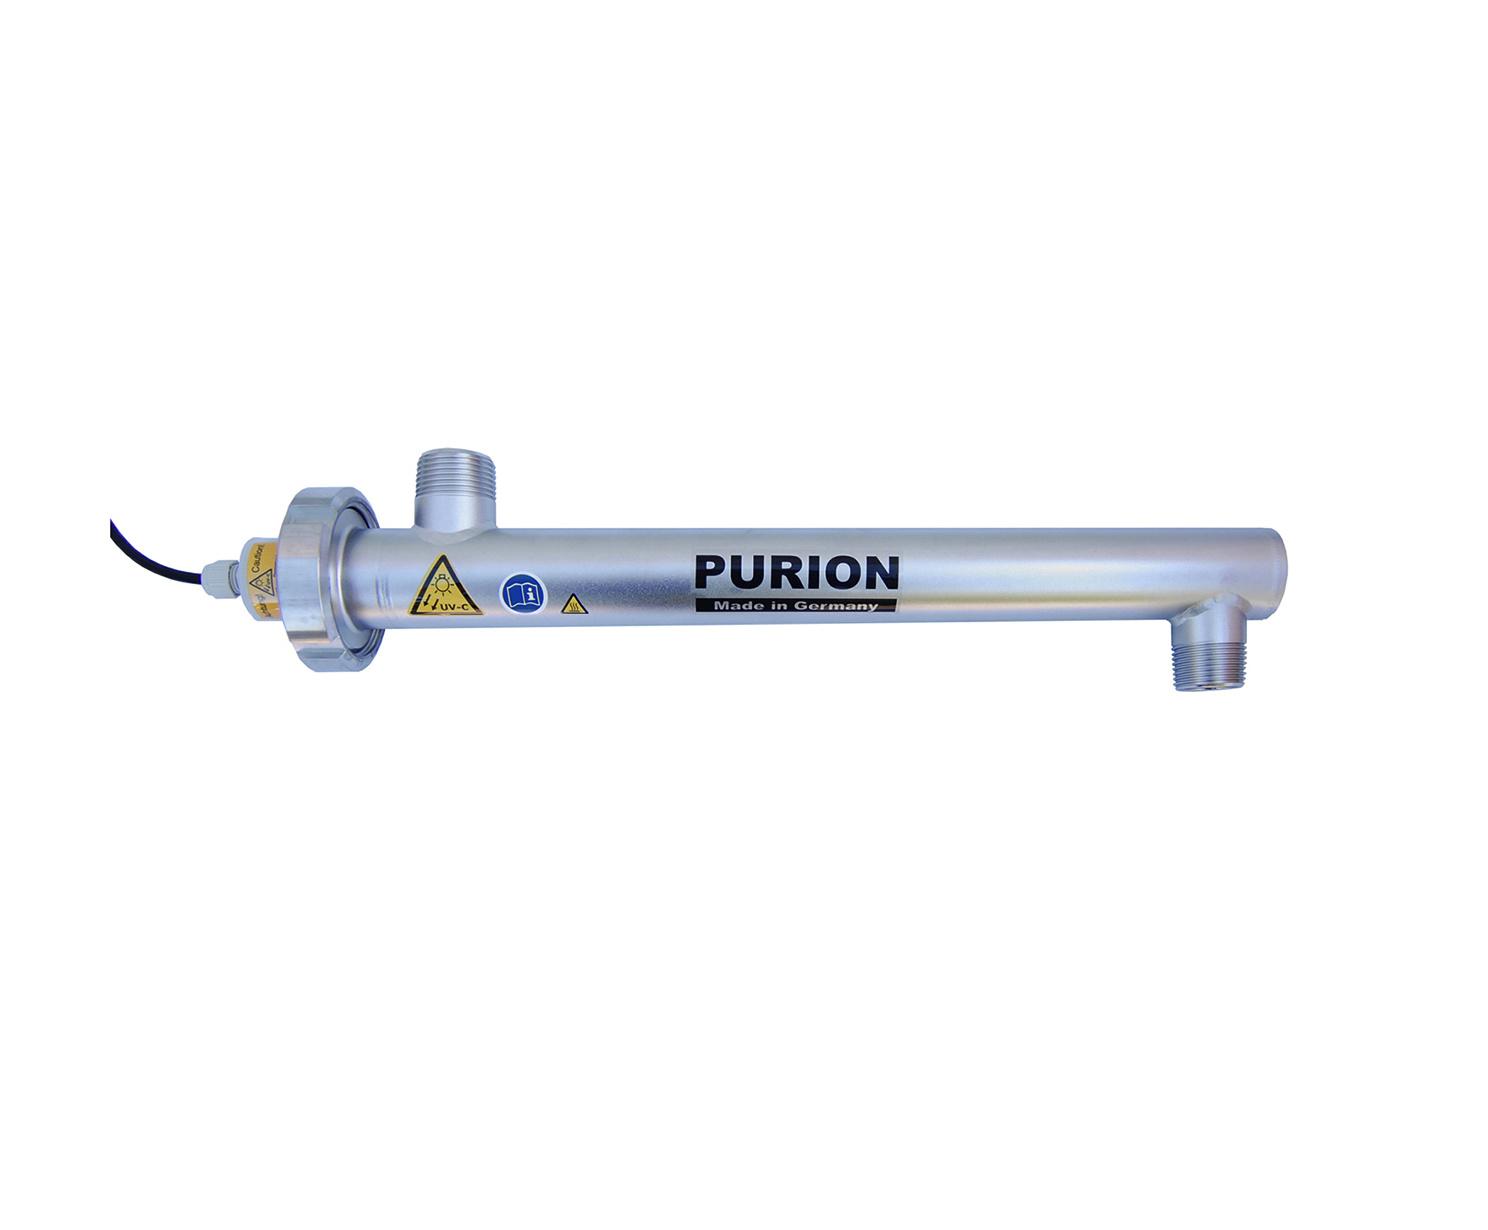 Purion UV-Gerät mit hoher Desinfektionsleistung